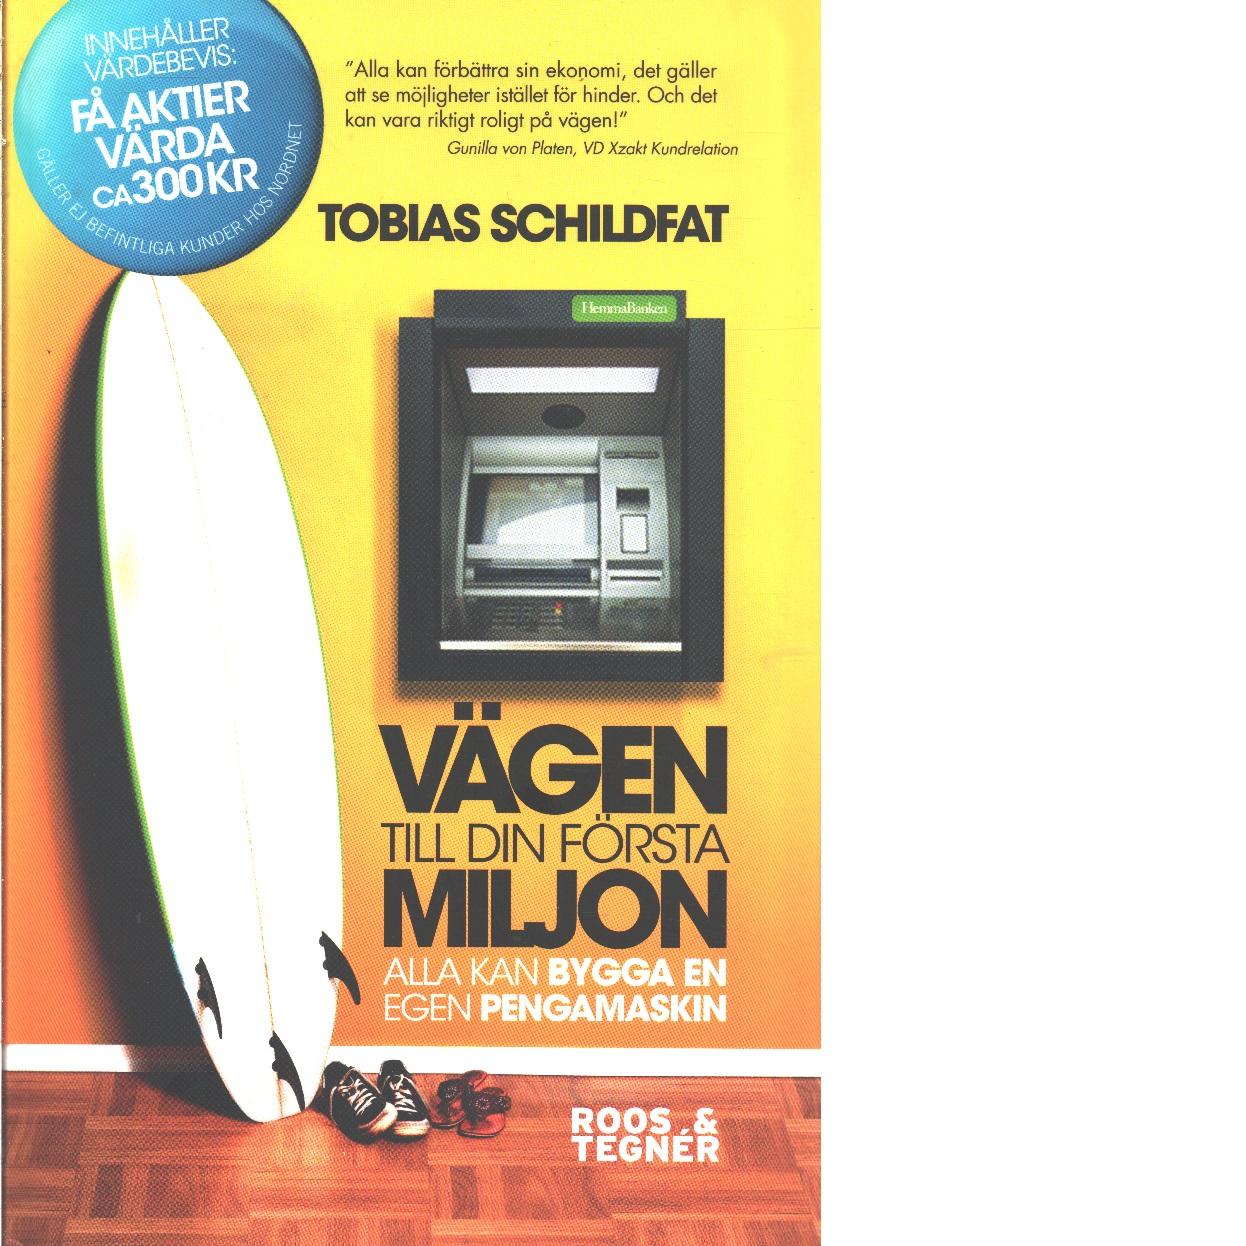 Vägen till din första miljon : alla kan bygga en egen pengamaskin  - Schildfat, Tobias